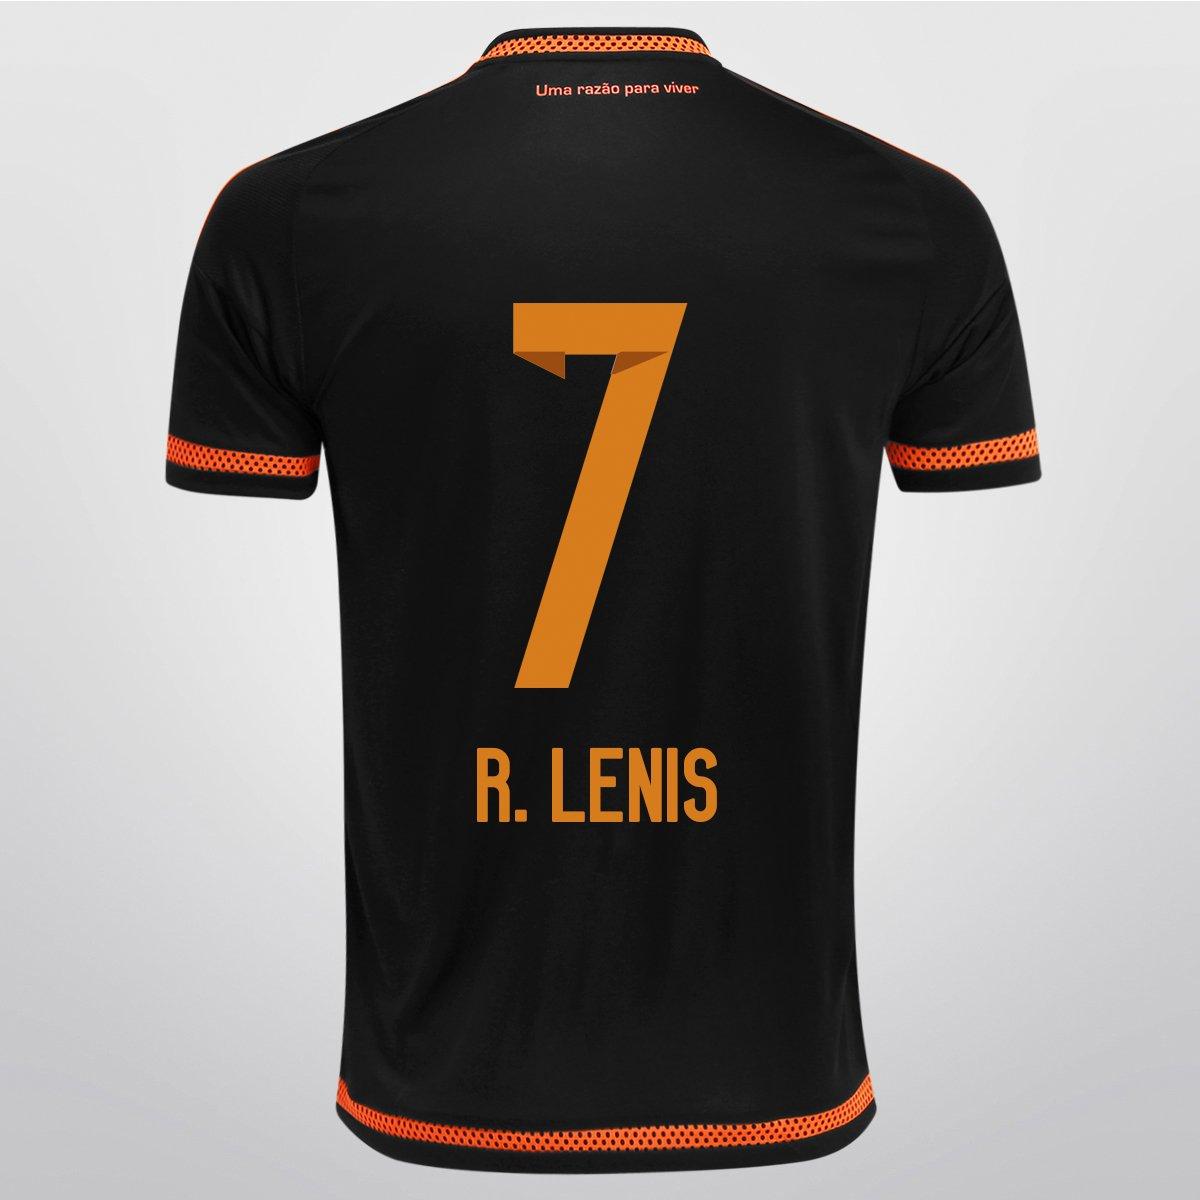 c3d631c90b Camisa Adidas Sport Recife II 15 16 nº 7 - R. Lenis - Compre Agora ...